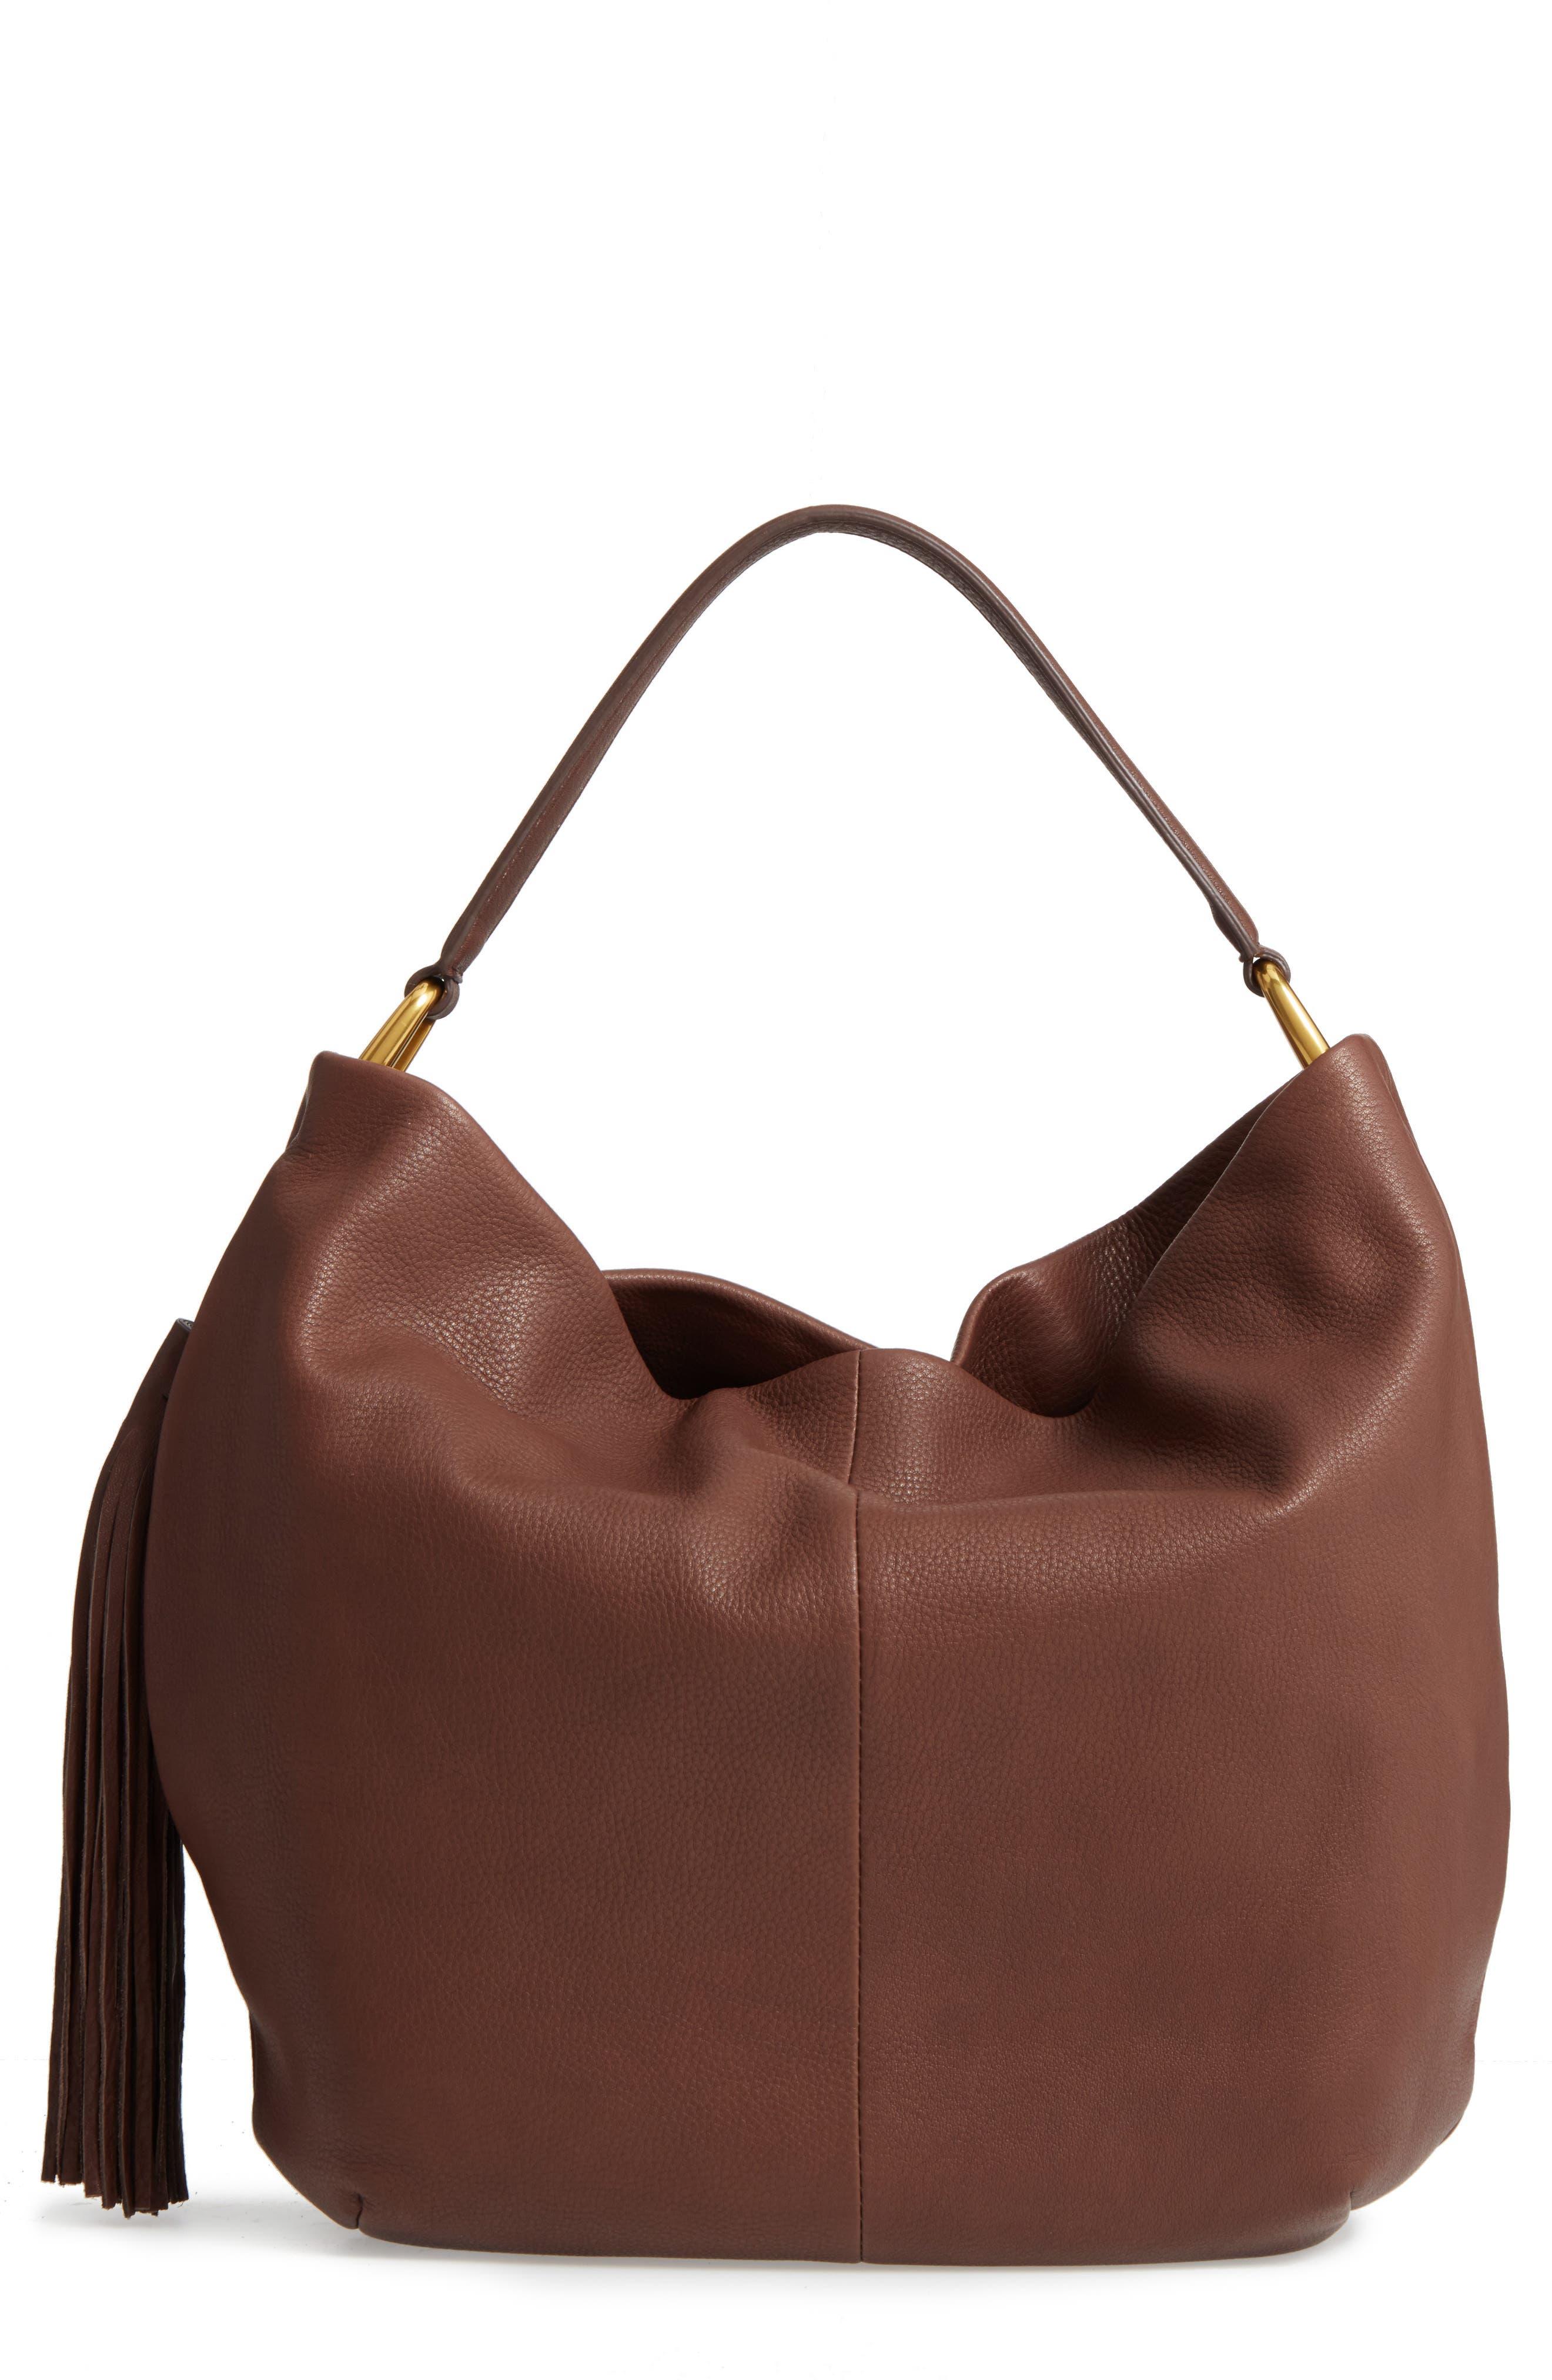 Hobo Meridian Leather Hobo